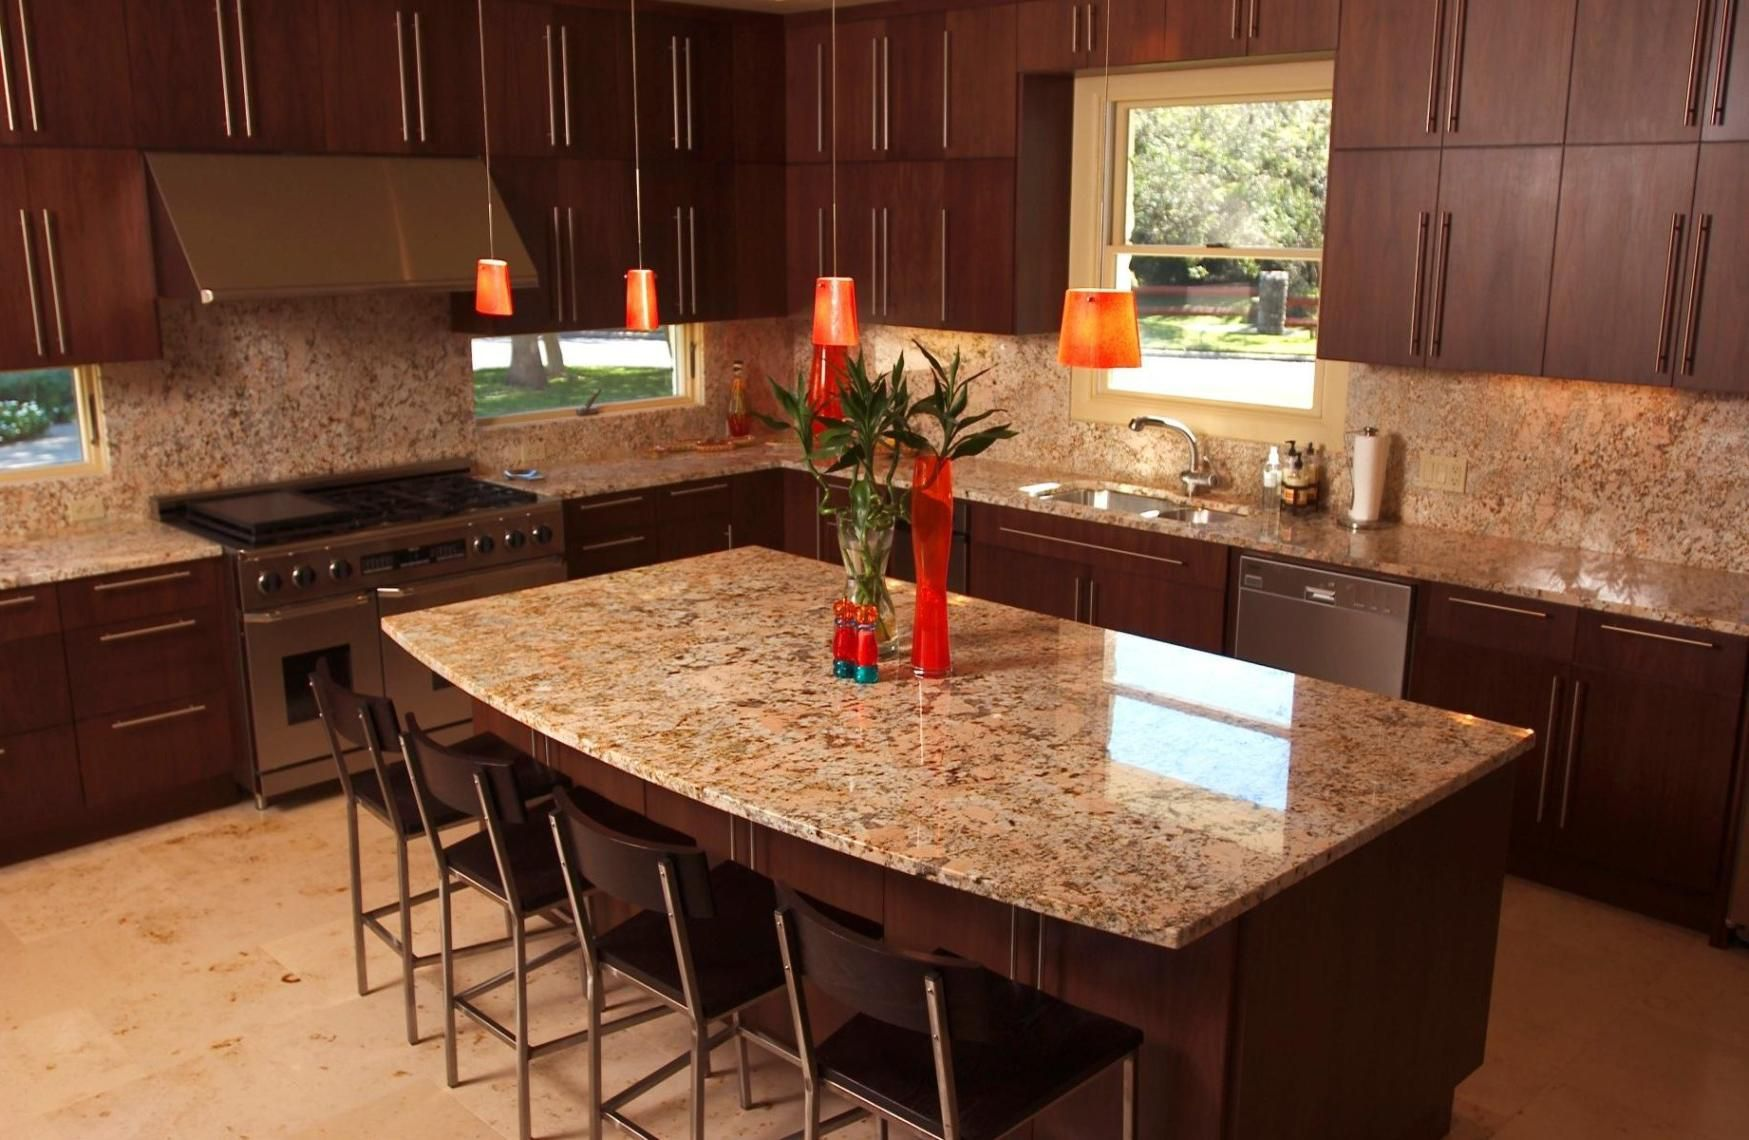 Malerei Kuchenschranke Distressed Weiss Wie Fugenmasse Glas Fliesen Backsplash Kalkste Granite Countertops Kitchen Kitchen Backsplash Designs Countertop Design